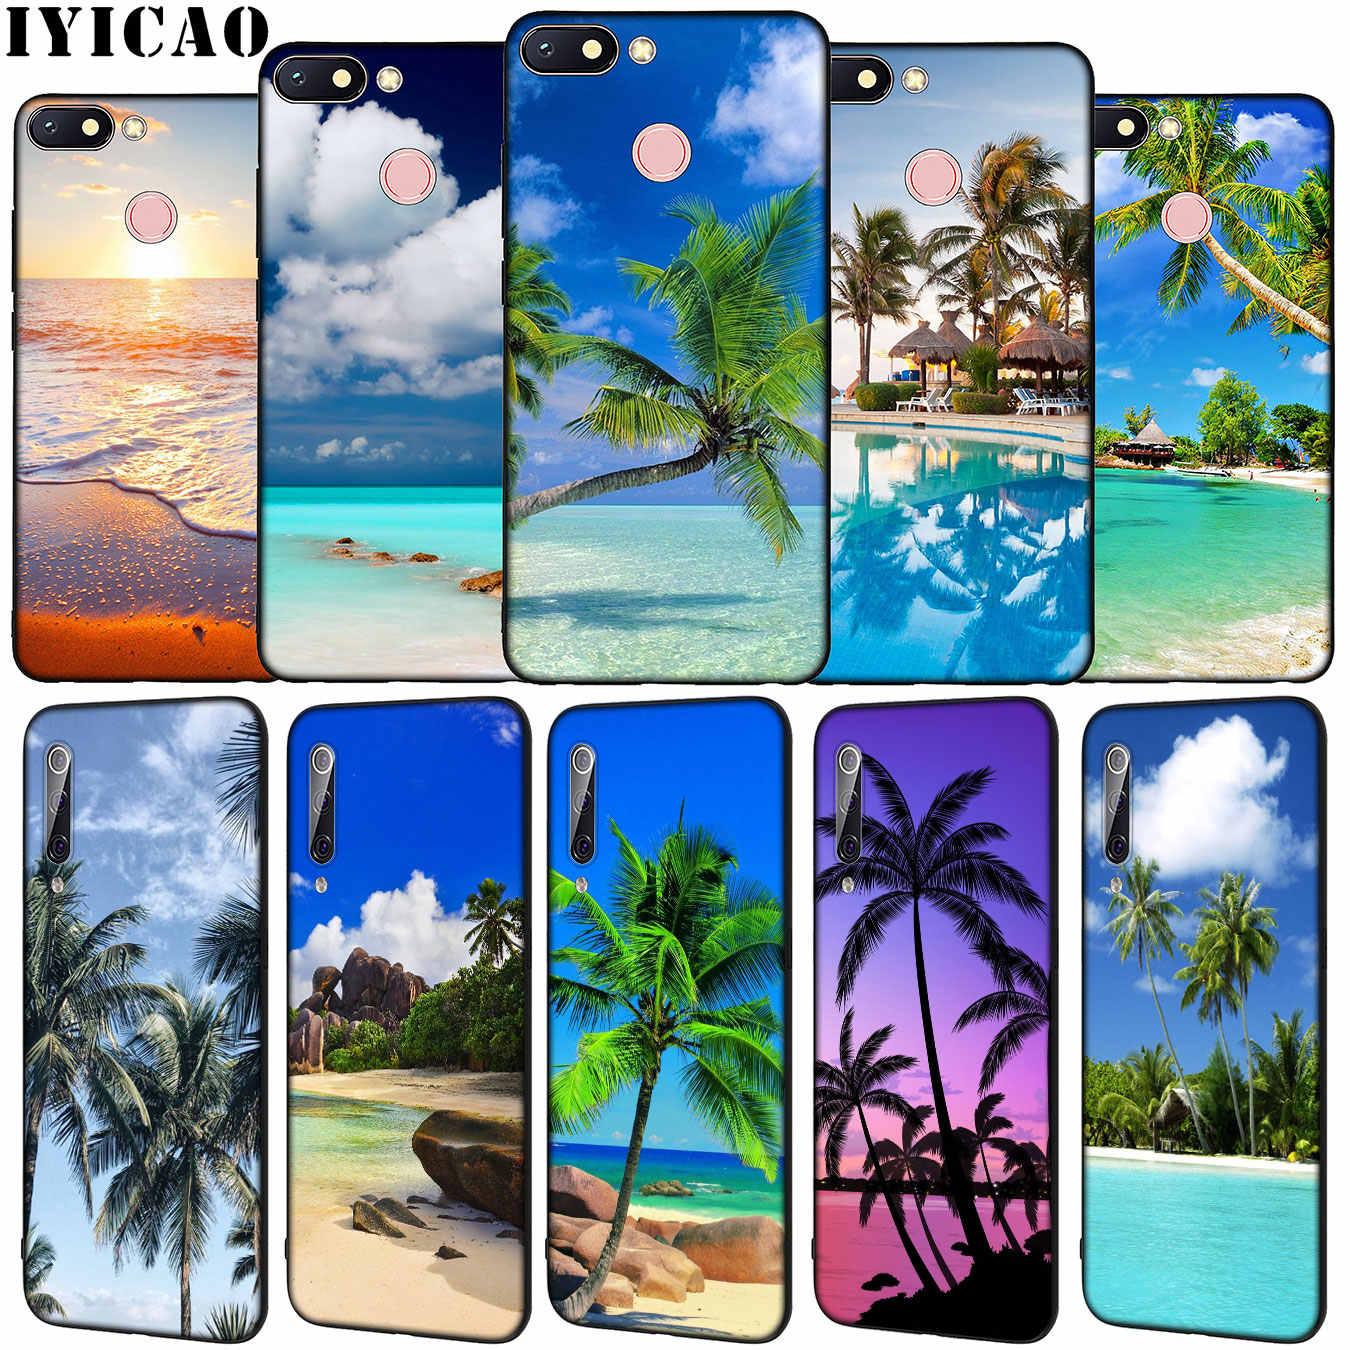 Tropicale alberi di palma Mare Spiaggia spruzzo Molle Del Silicone Cassa Del Telefono per Xiaomi Redmi Nota 8 8T 8A 7 7A 6 6A 5 5A ANDARE S2 K30 K20 Pro